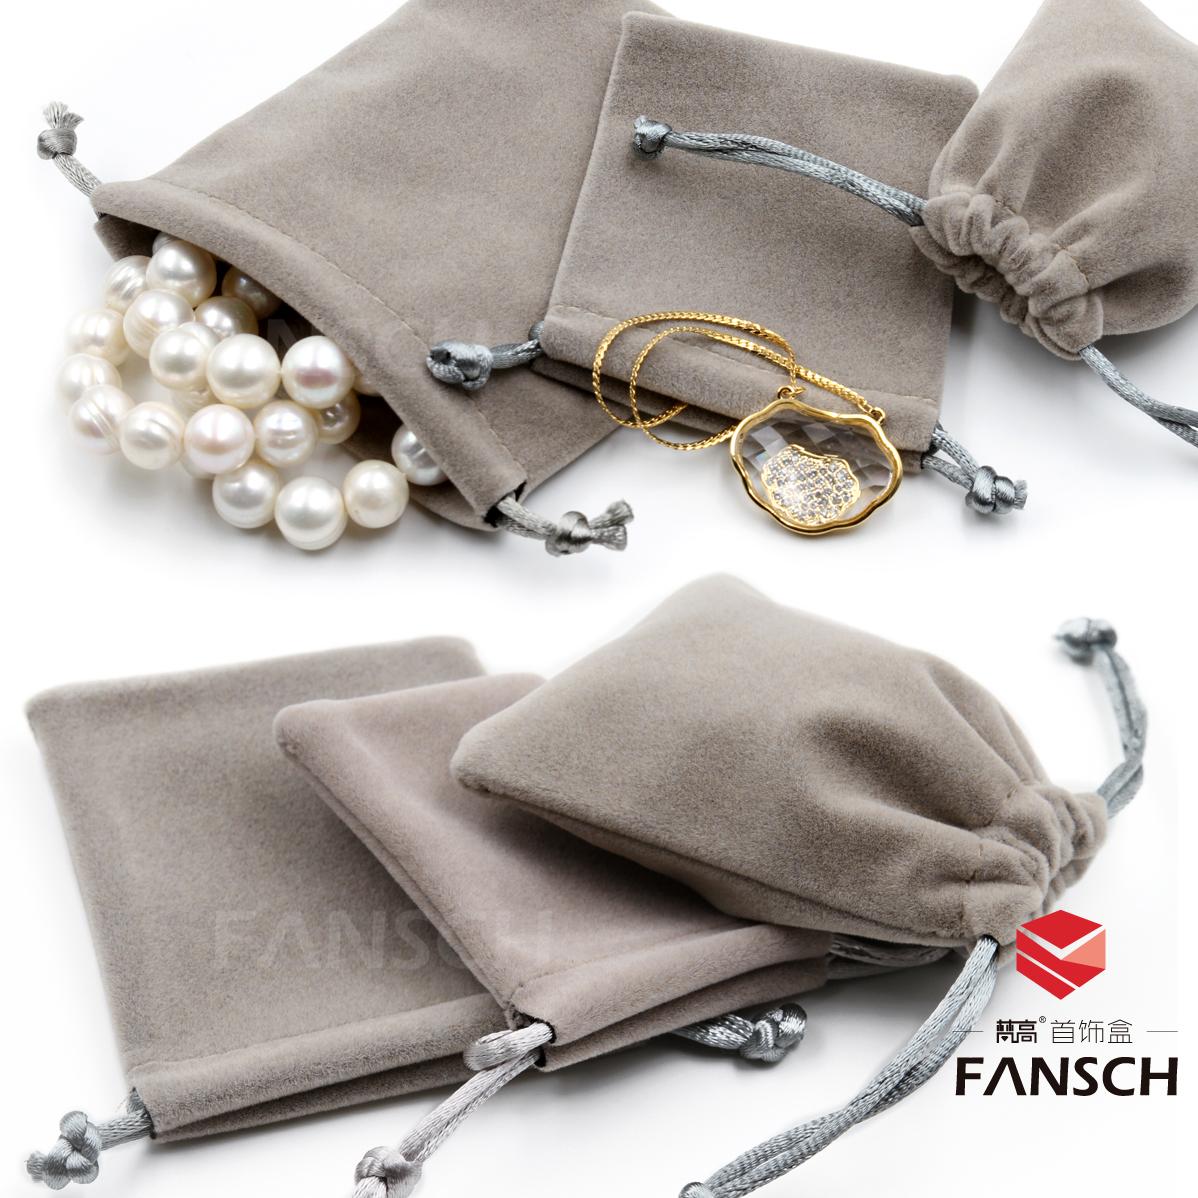 Серый кашемир мешок чаевые парча мешок куст мешок ювелирные изделия мешок ювелирные изделия чистый черный мешок аксессуары мешок культура играть мешок